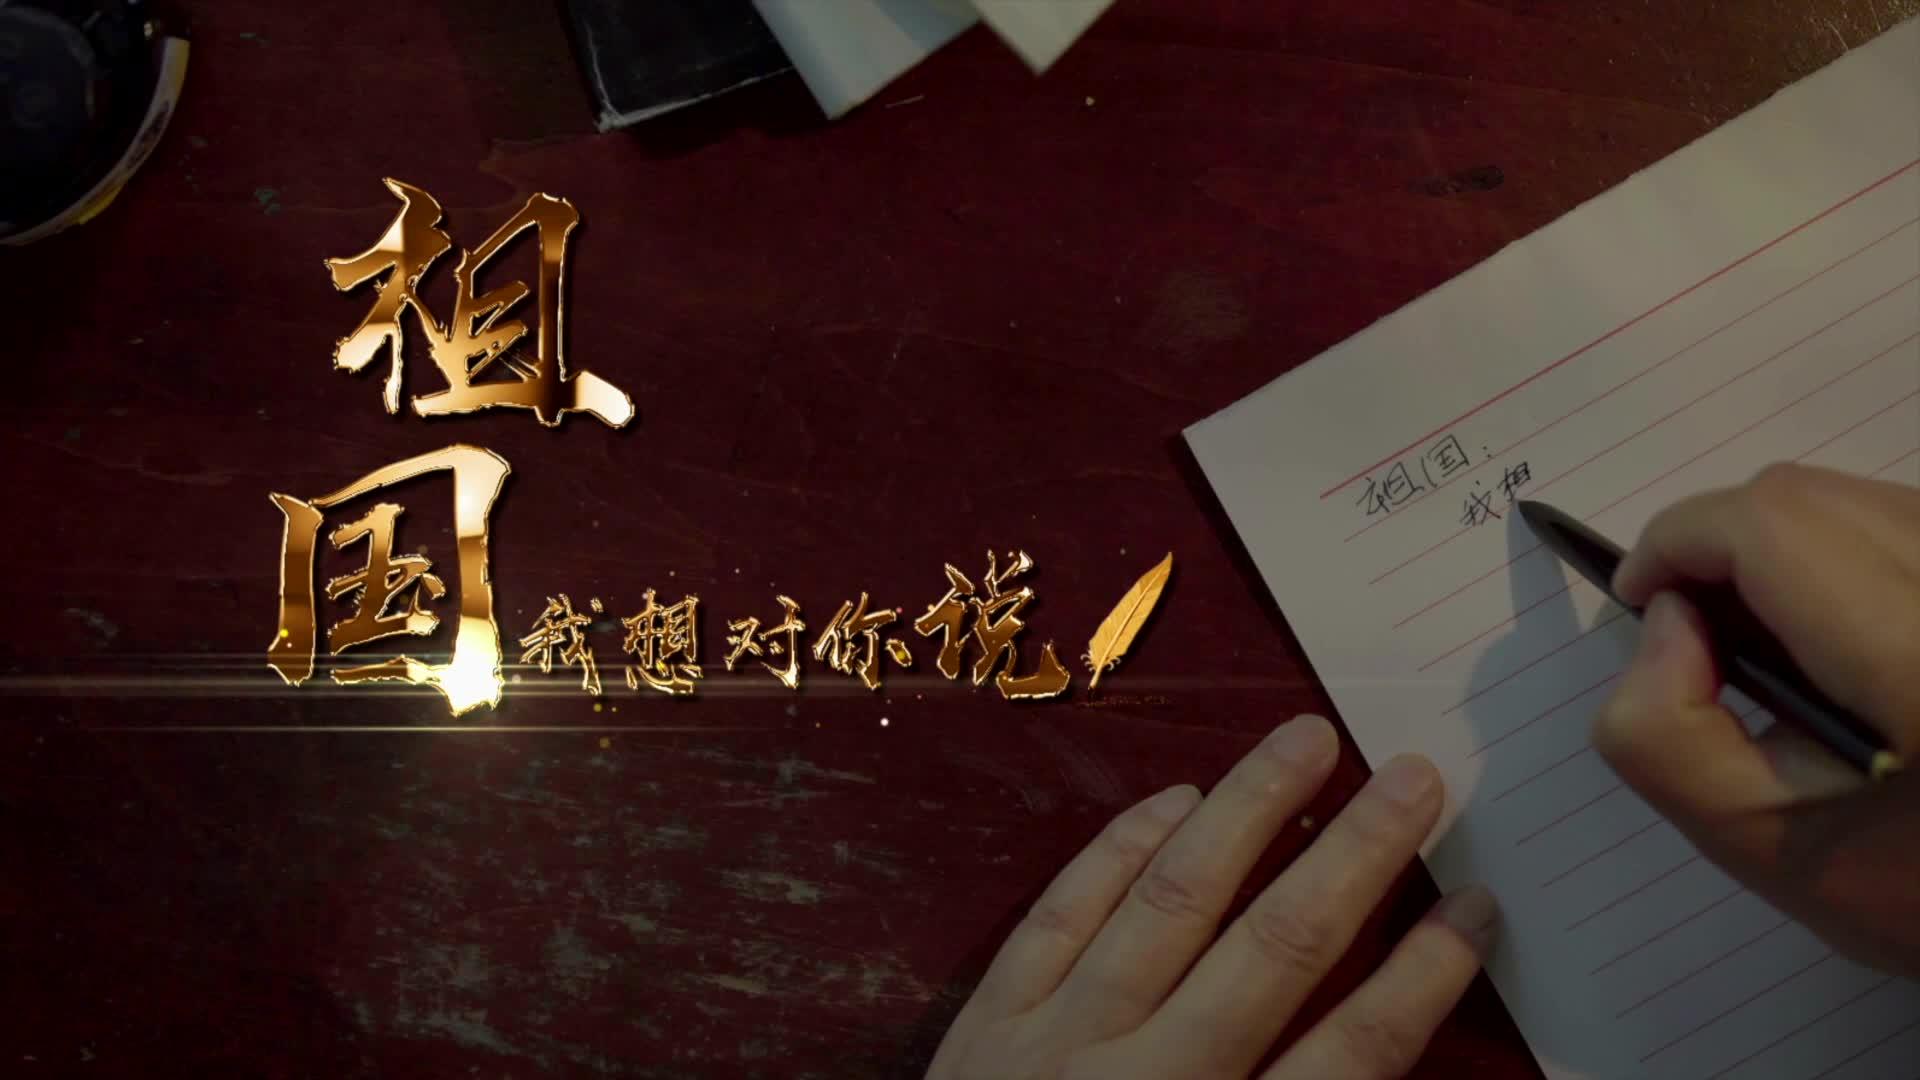 「摄影界的画家 暗室里的魔术师 」 杰出摄影家—— 陈宝生 写给祖国的一封信